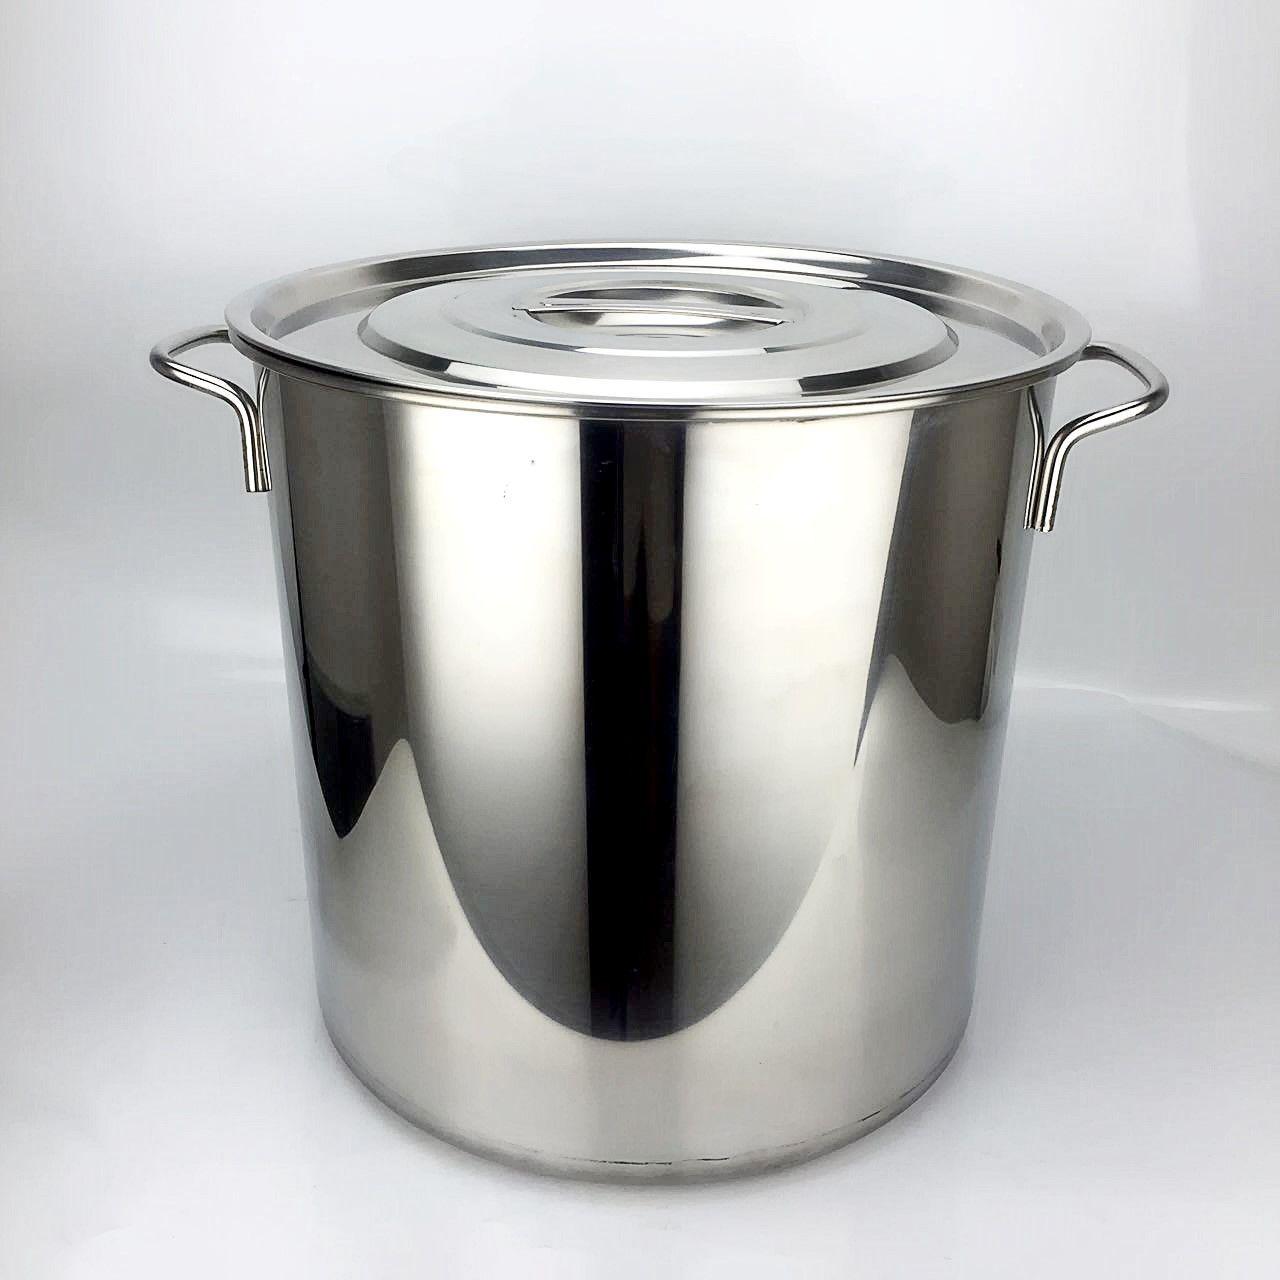 304加高汤桶不锈钢特厚2.5复底汤锅提桶双耳汤桶带磁汤桶矮身汤锅